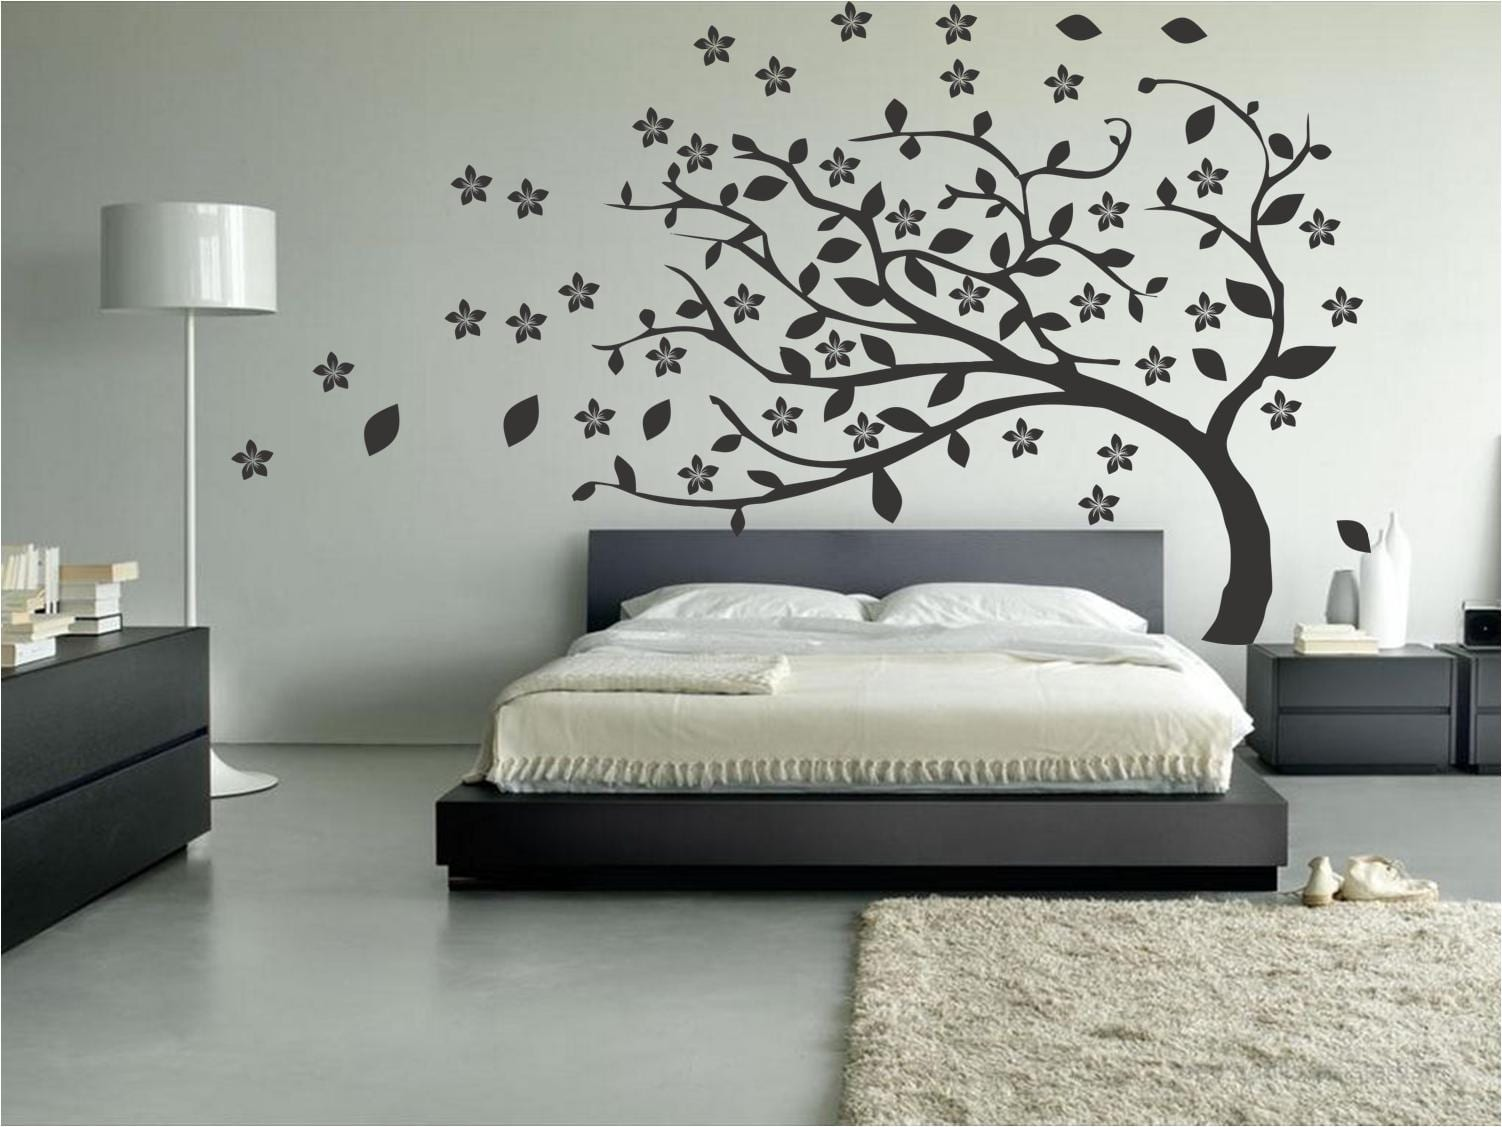 Cómo decorar el dormitorio con poco dinero